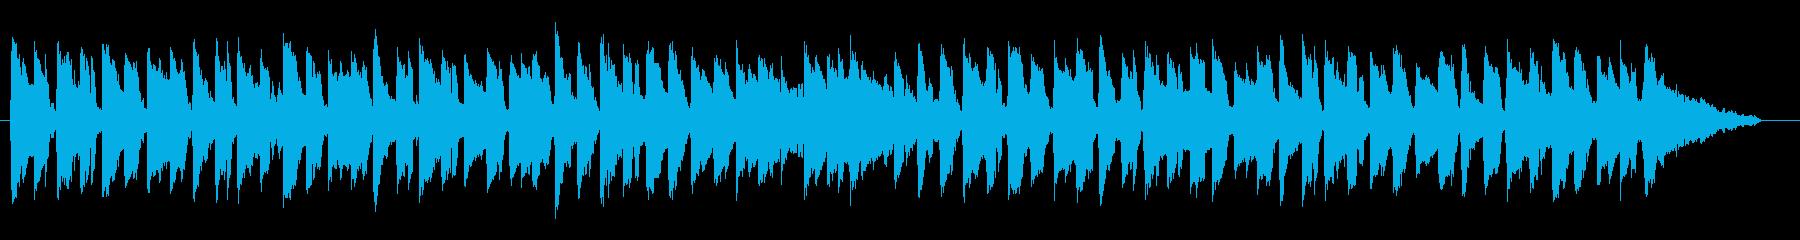 2<Aギター生演奏>優しく語りかけるようの再生済みの波形